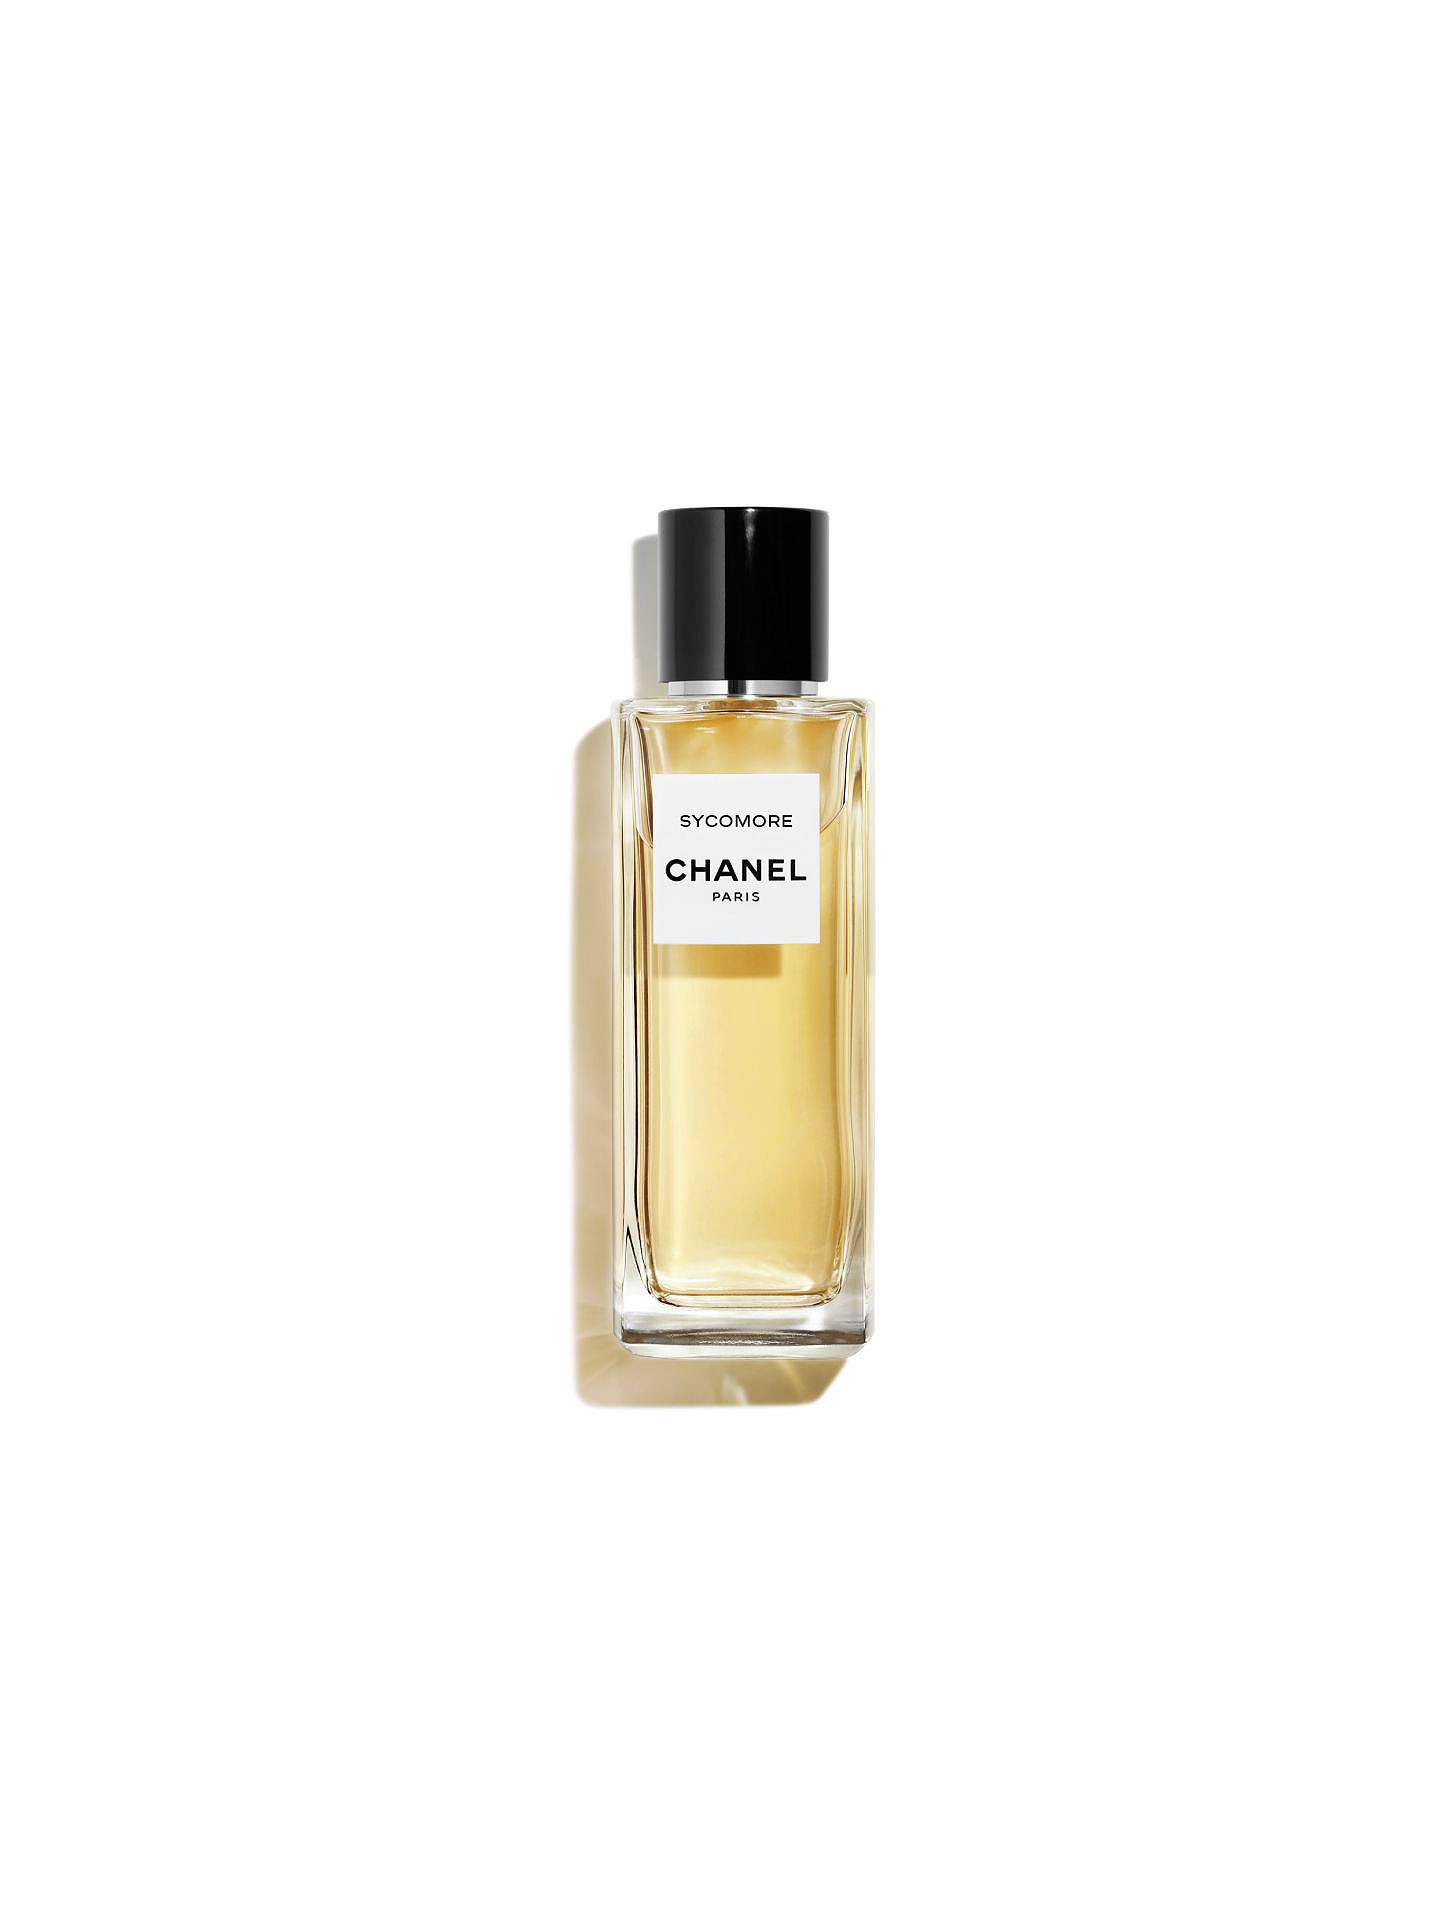 Chanel Les Exclusifs De Chanel Sycomore Eau De Parfum At John Lewis